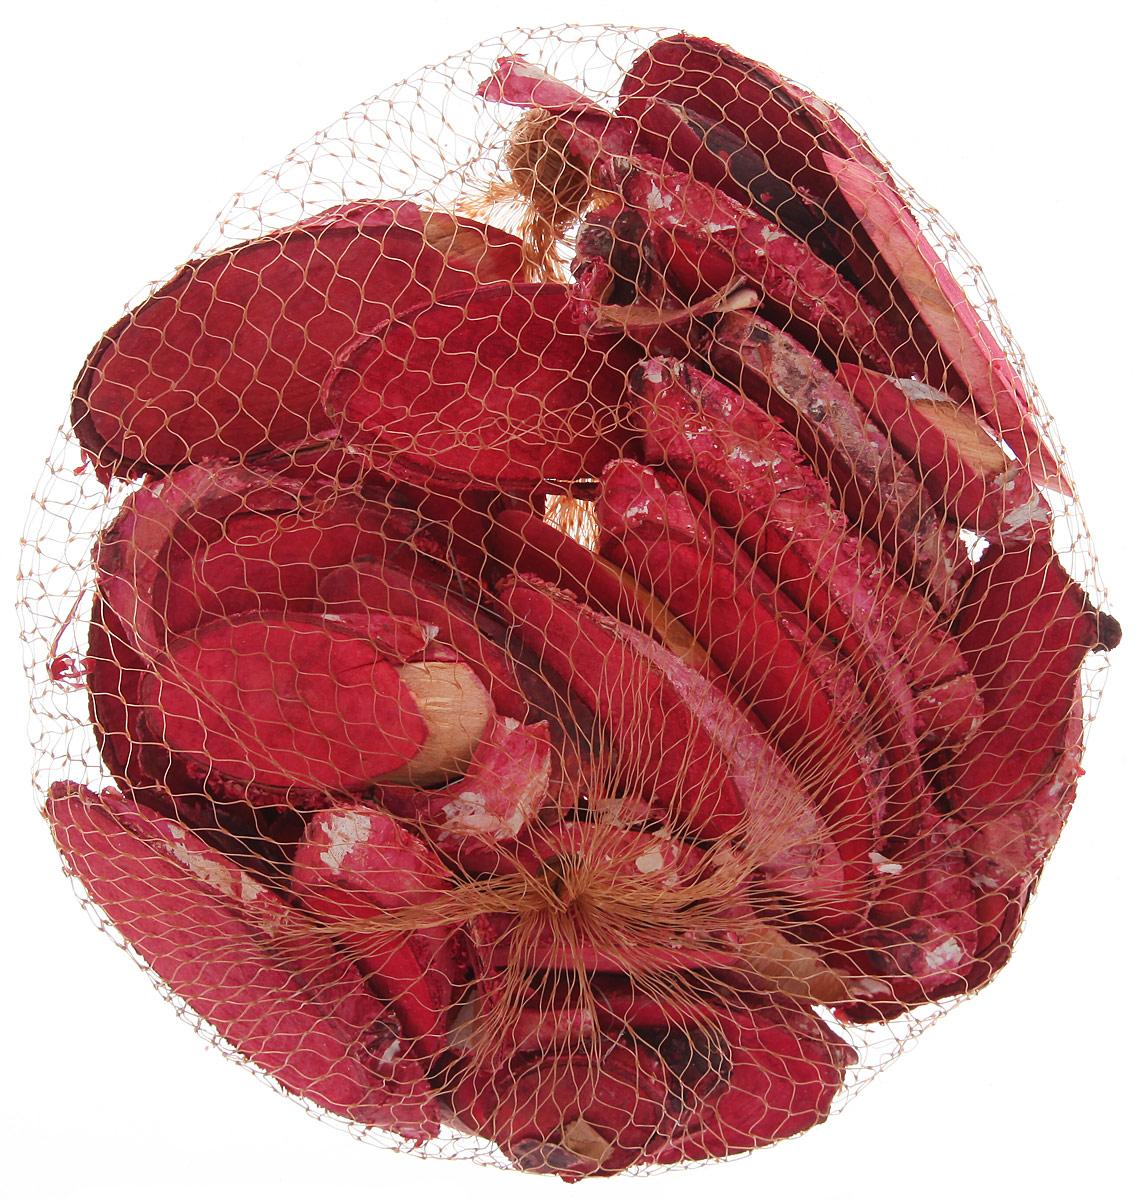 Декоративный элемент Dongjiang Art Срез ветки, цвет: красный, толщина 7 мм, 250 г7708981_красныйДекоративный элемент Dongjiang Art Срез ветки изготовлен из дерева.Изделие предназначено для декорирования. Срез может пригодиться во флористике и многом другом. Декоративный элемент представляет собой тонкий срез ветки.Флористика - вид декоративно-прикладного искусства, который использует живые, засушенные или консервированные природные материалы для создания флористических работ. Это целый мир, в котором есть место и строгому математическому расчету, и вдохновению, полету фантазии.Толщина среза: 7 мм.